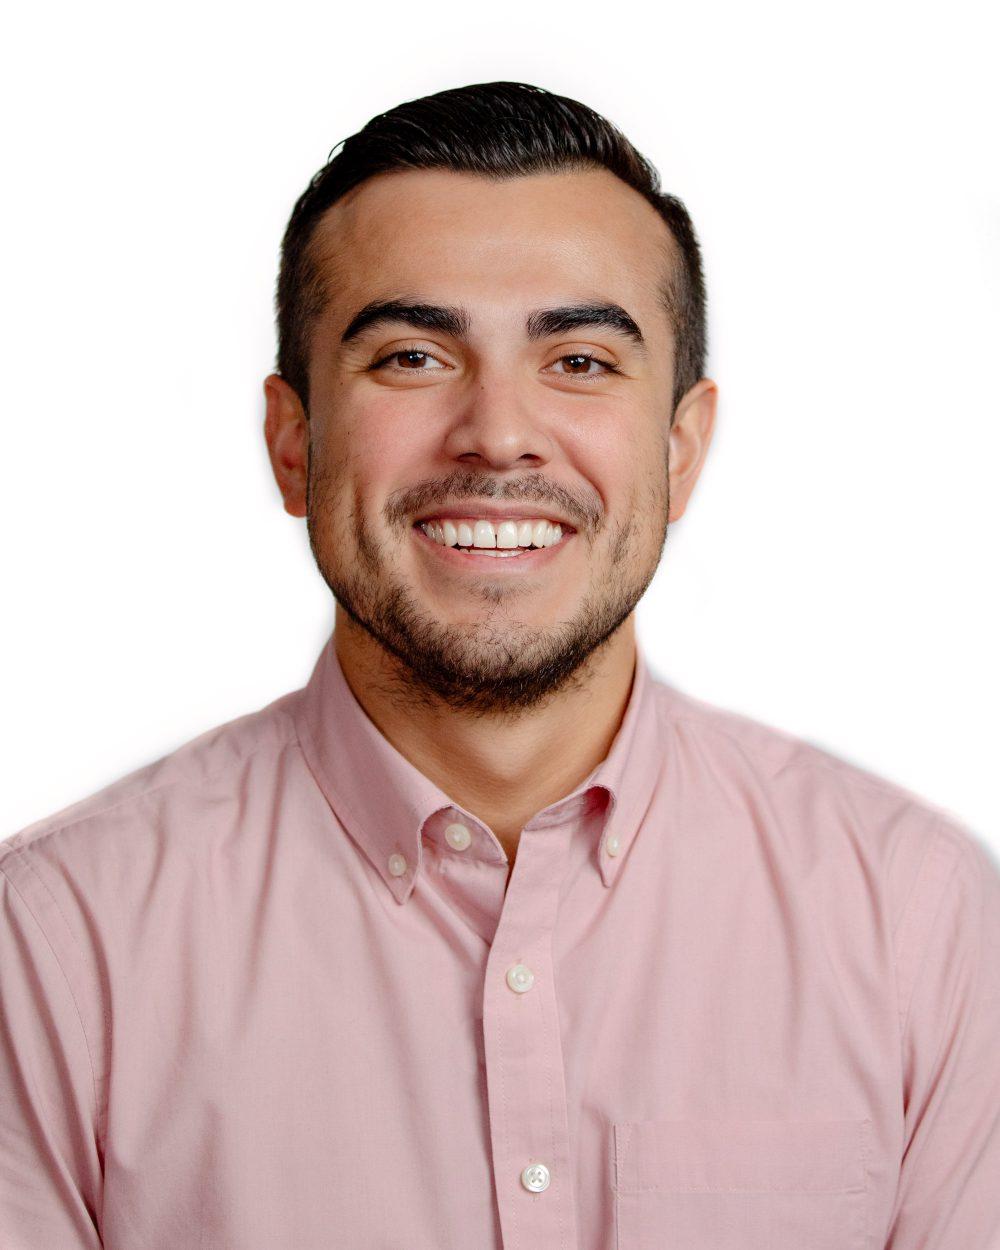 Rafael Zamora Chiropractor headshot